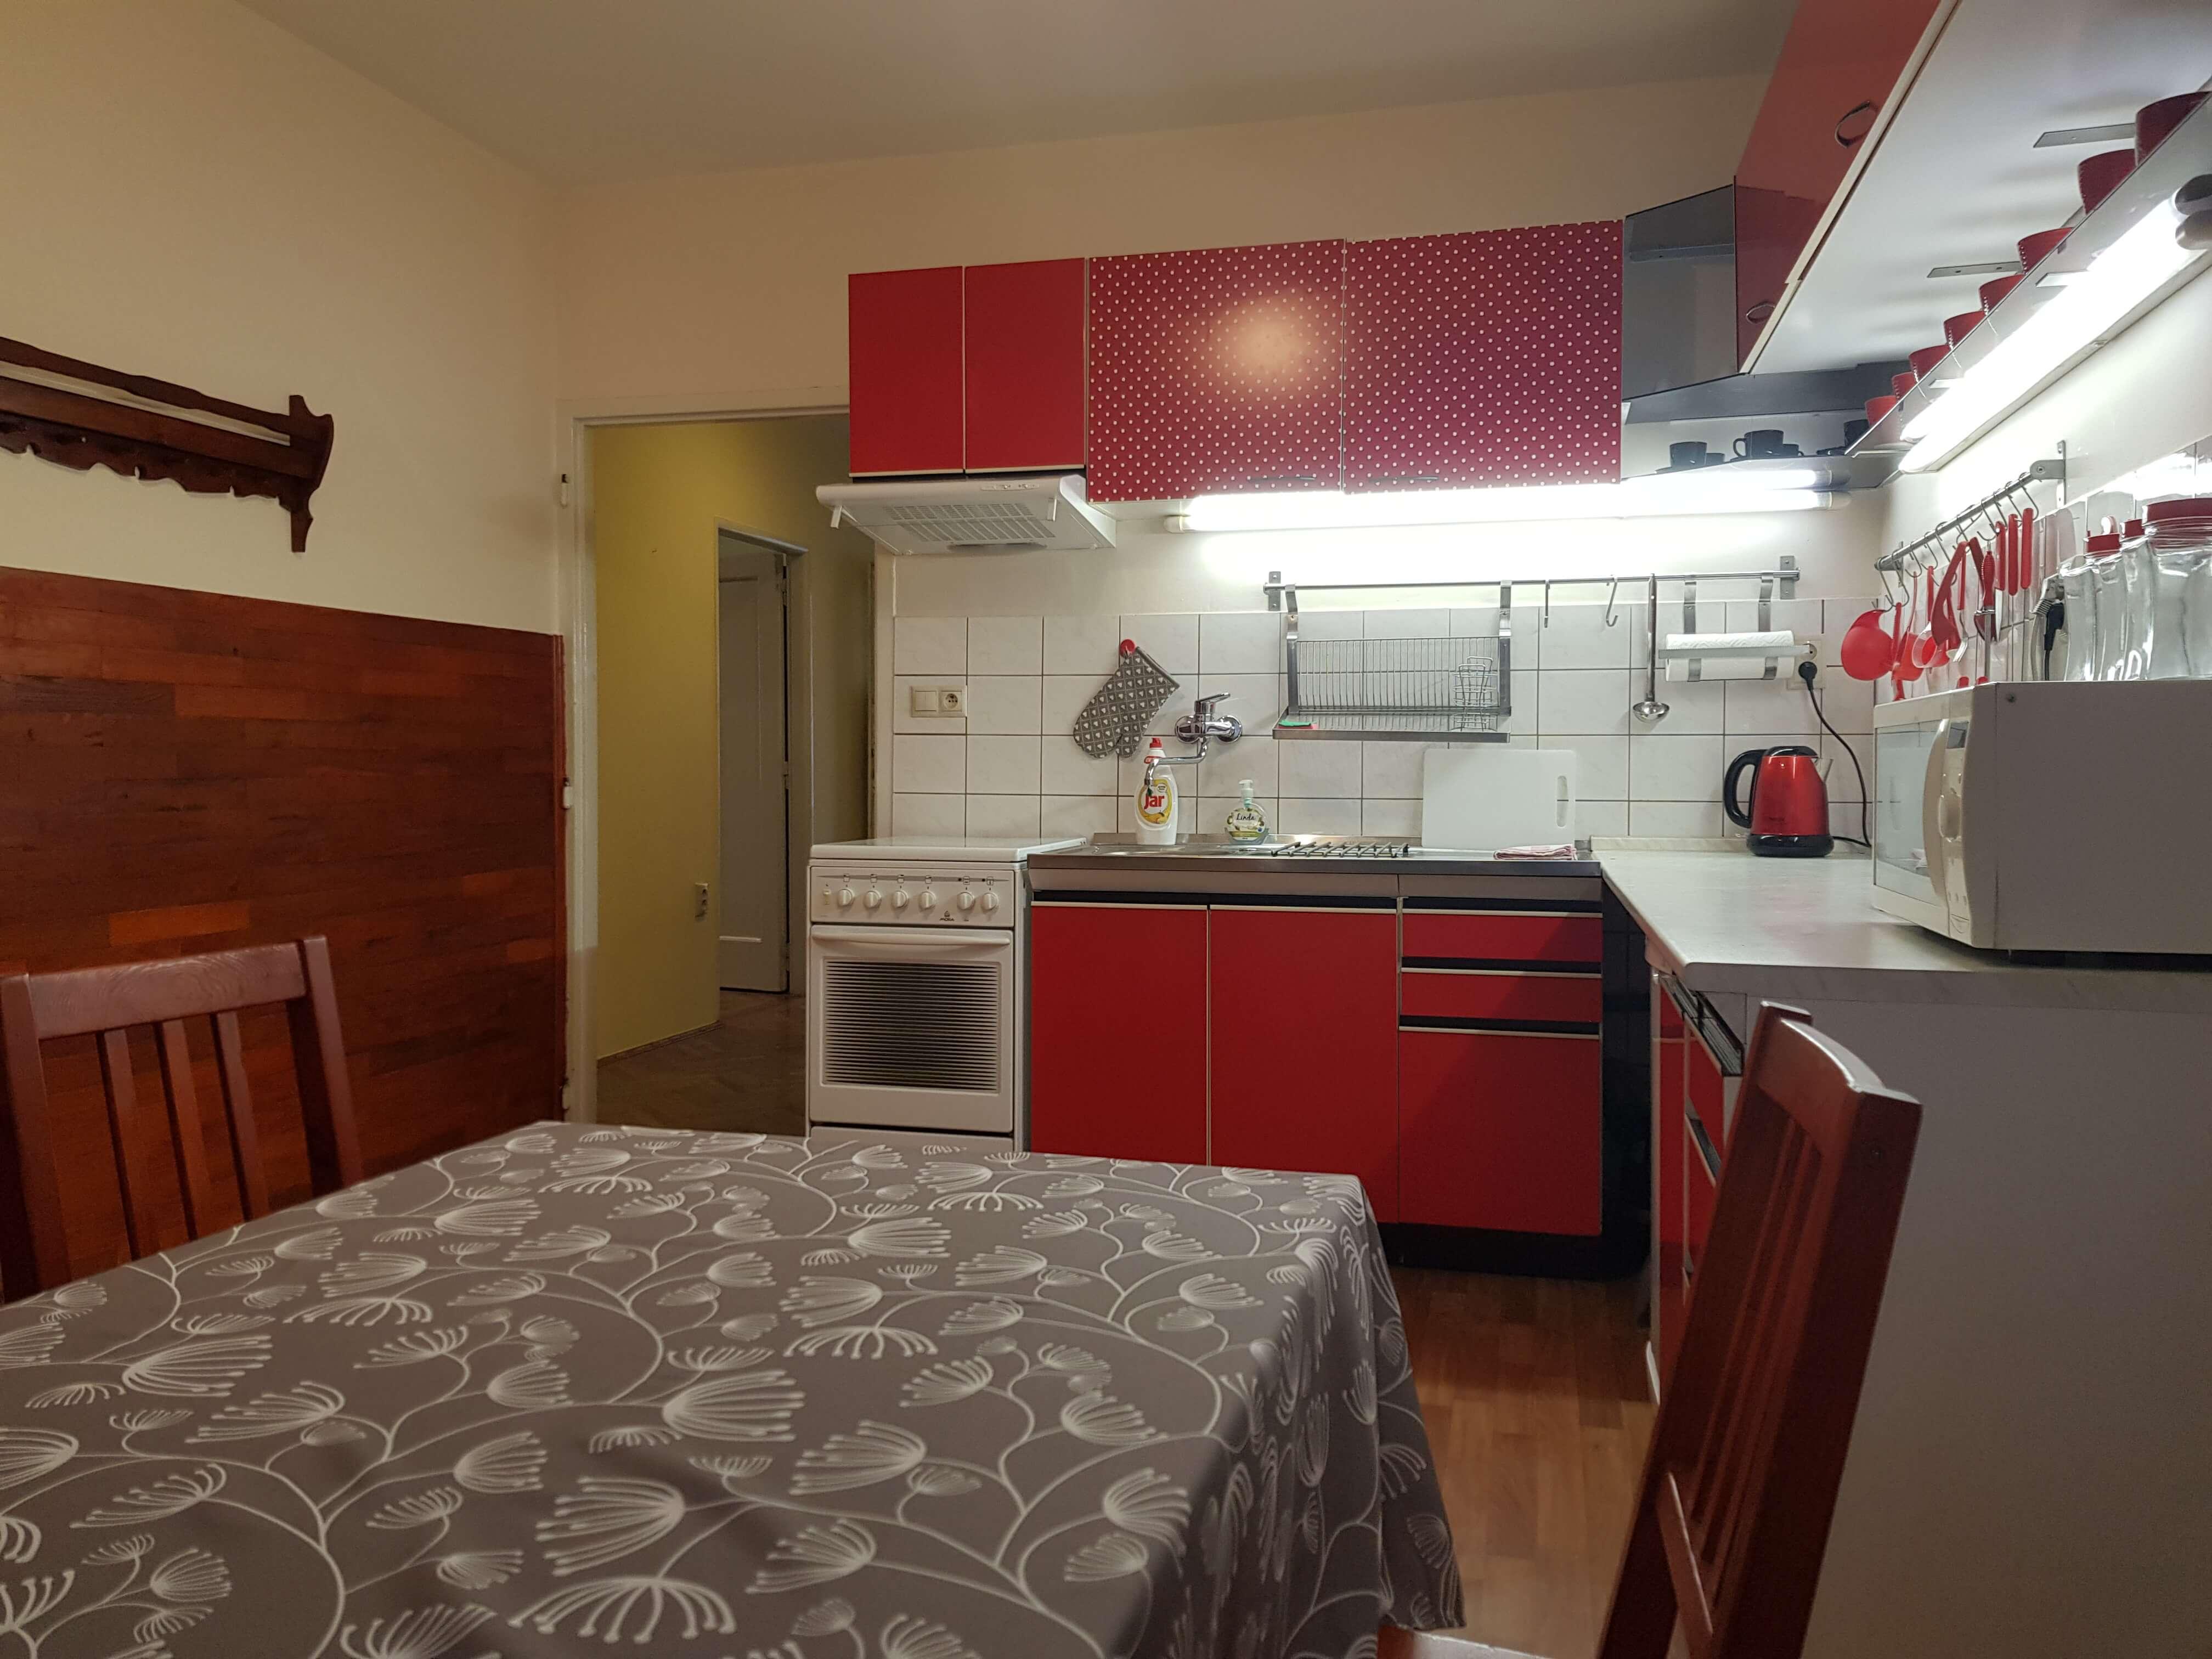 Prenájom jednej izby v 2 izb. byte, staré mesto, Šancová ulica, Bratislava, 80m2, zariadený-25